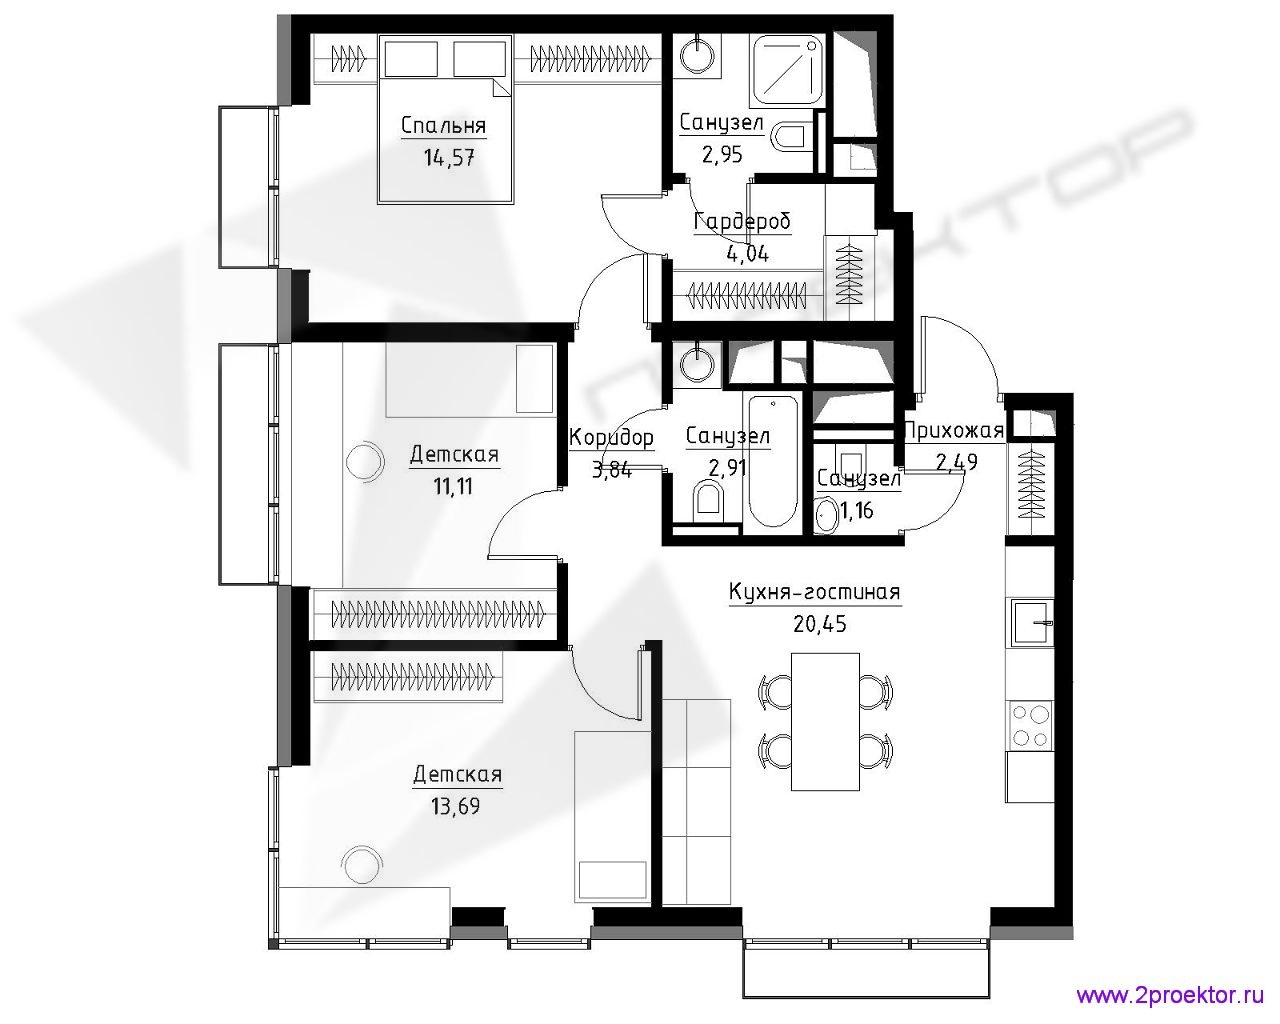 Типовой вариант планировки трехкомнатной квартиры в Жилом комплексе Метрополия.